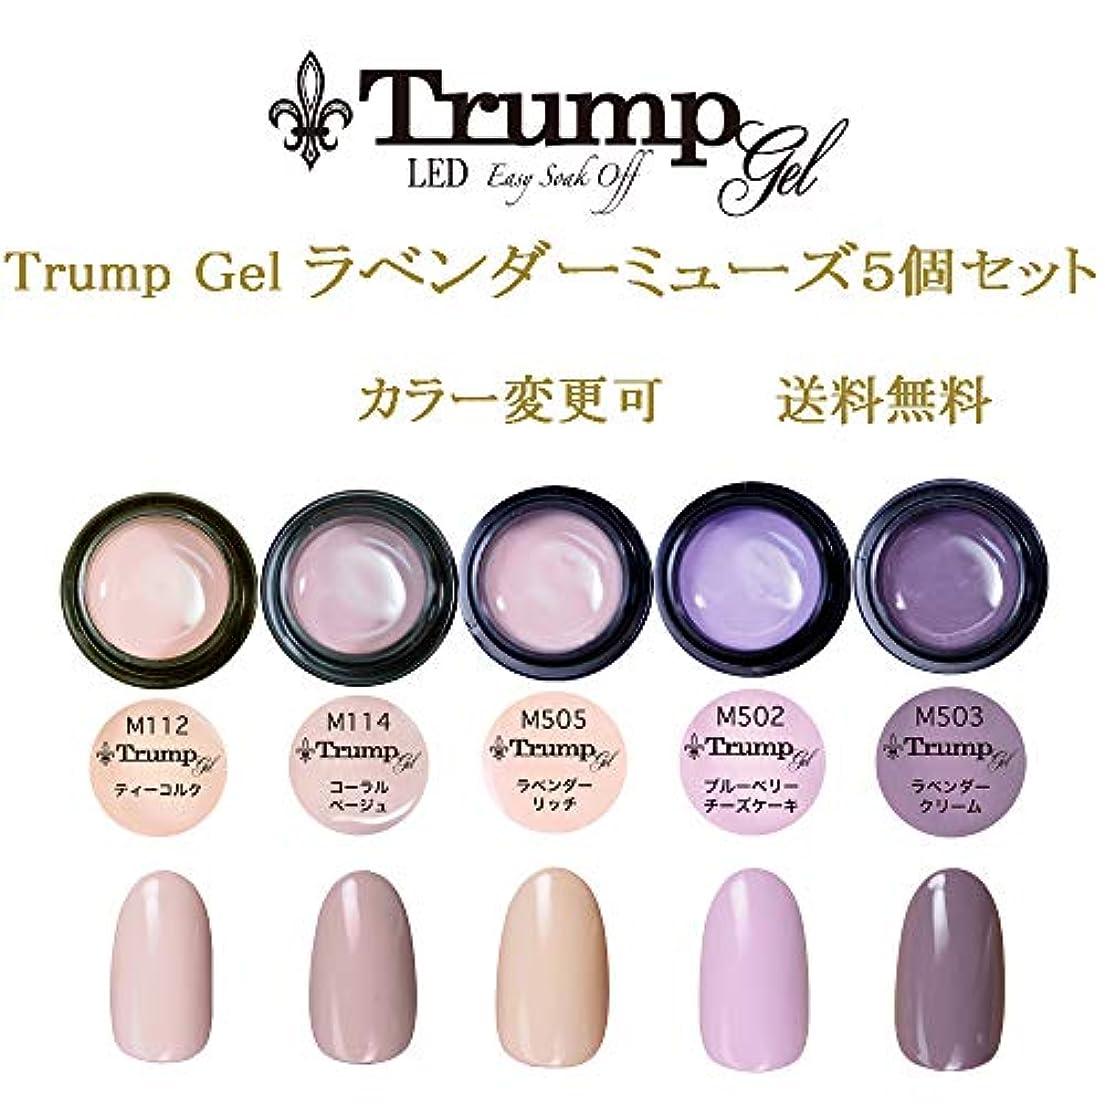 修理工余分なカール日本製 Trump gel トランプジェル ラベンダーミューズカラー 選べる カラージェル 5個セット ピンク ベージュ ラベンダーカラー